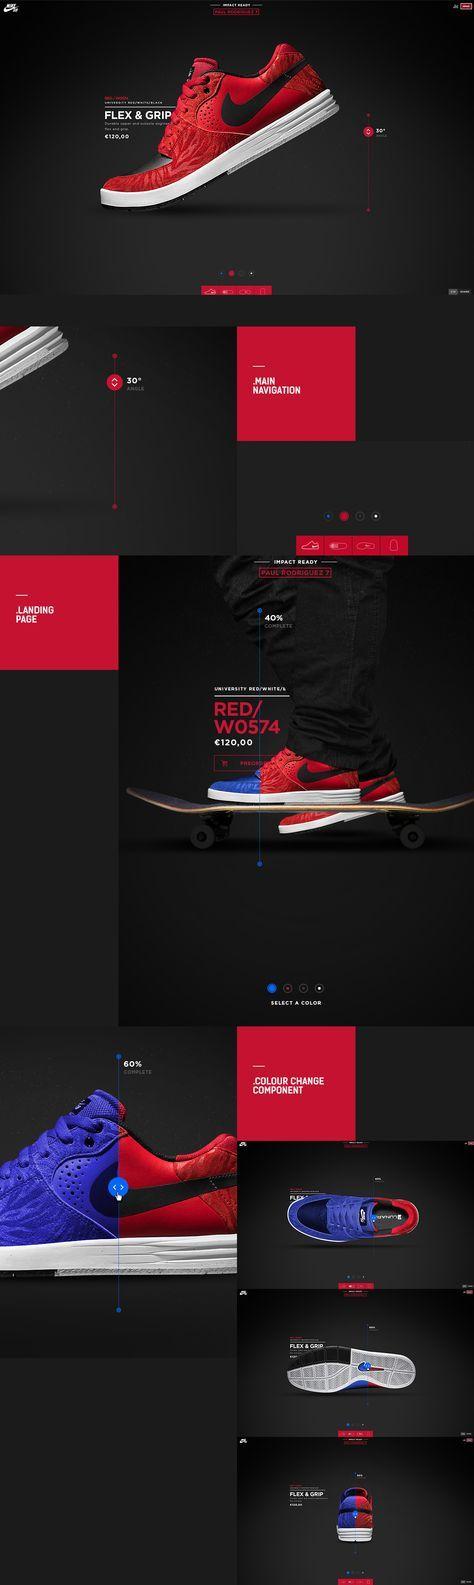 Nike sneaker websites webdesign